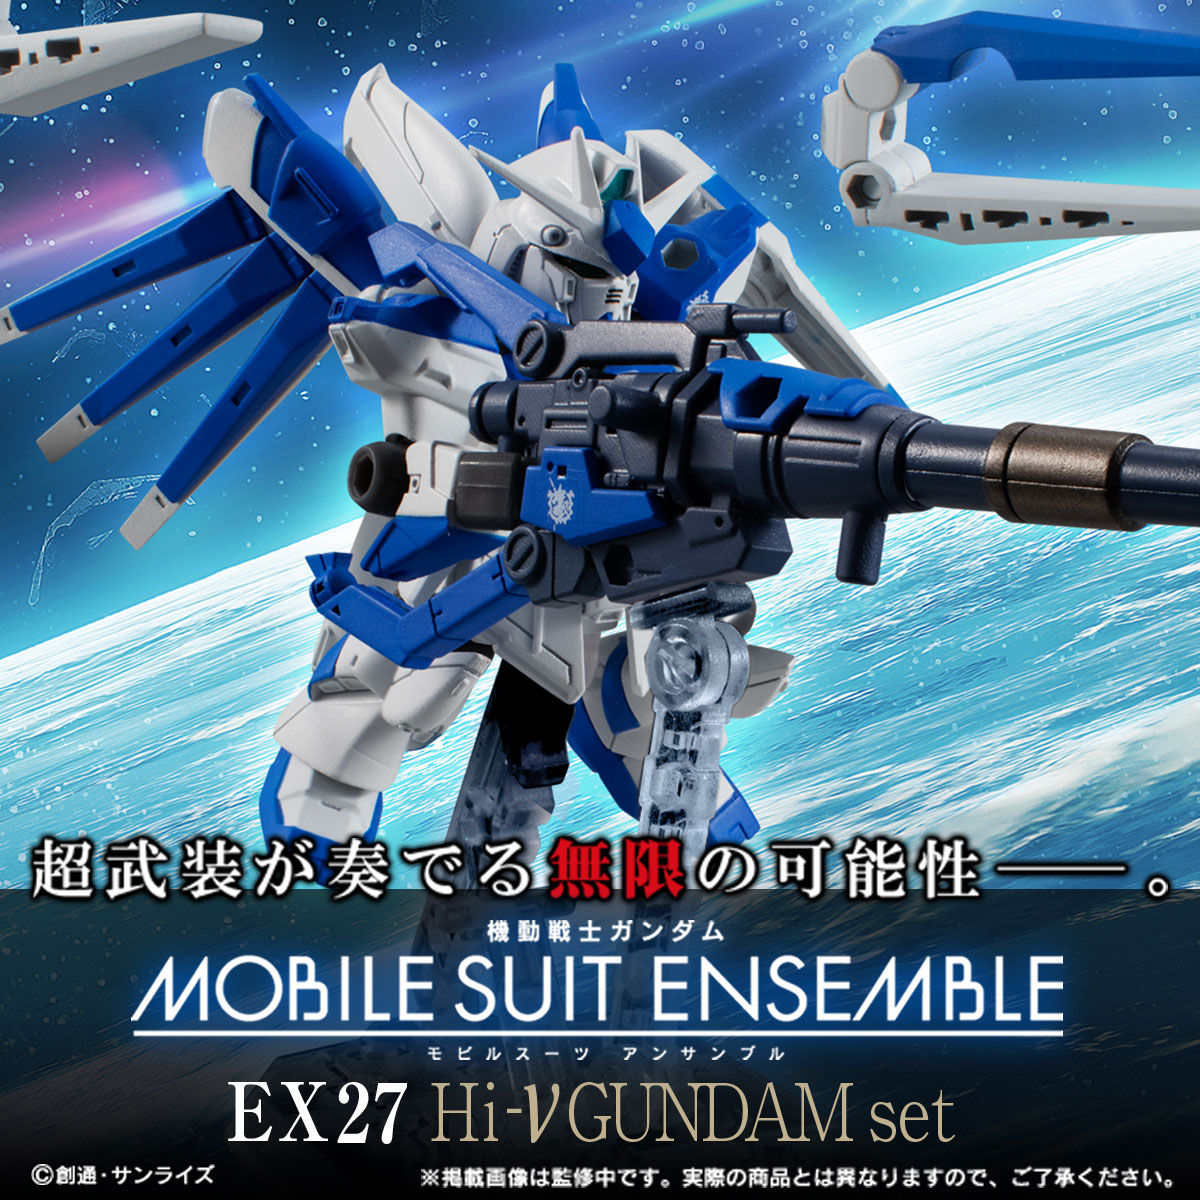 【限定販売】MOBILE SUIT ENSEMBLE『EX27 Hi-νガンダムセット』デフォルメ可動フィギュア-001